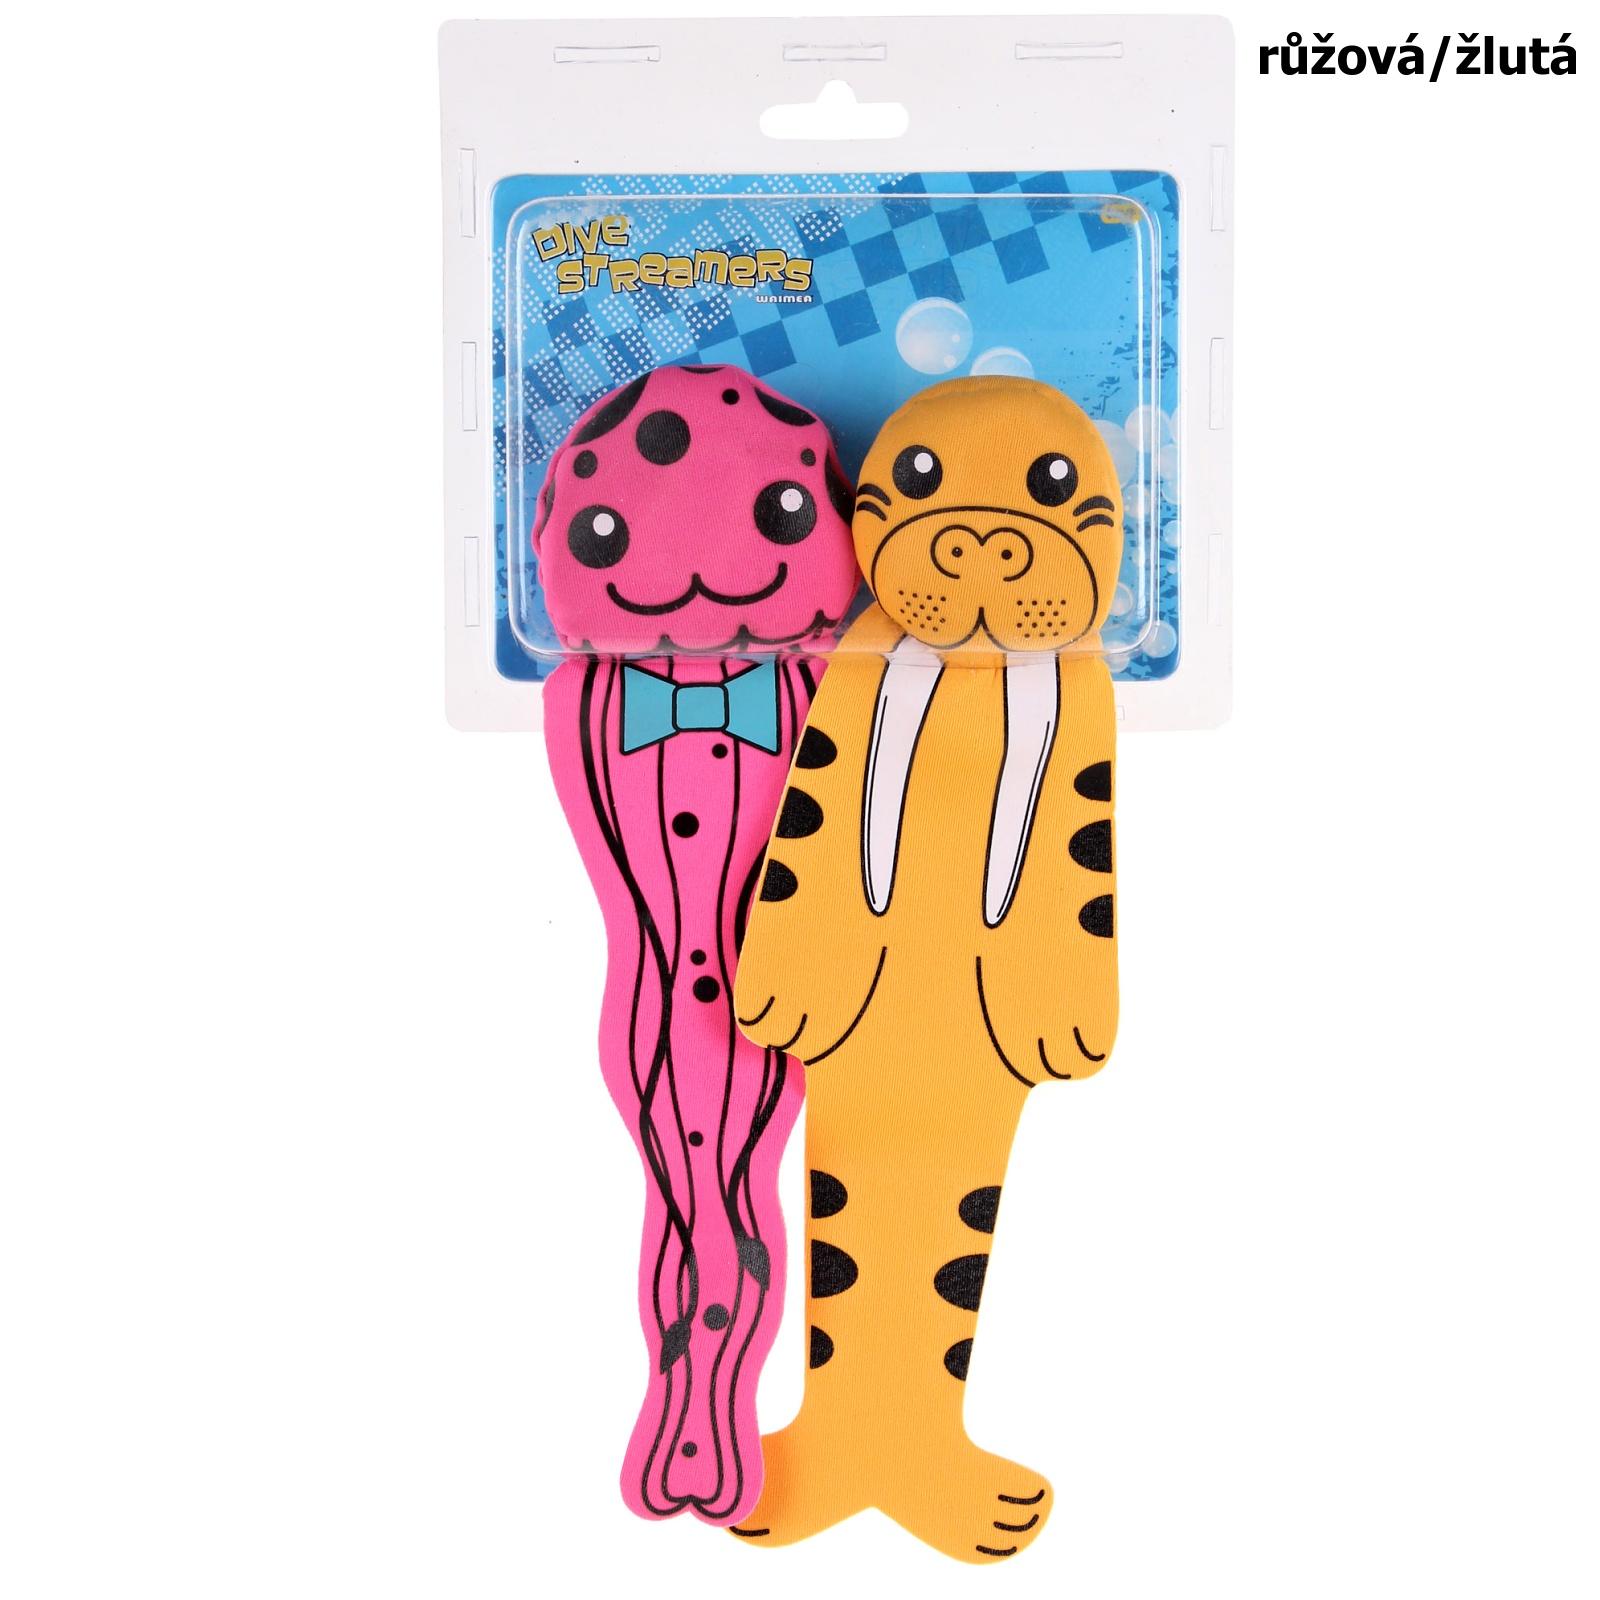 Potápěcí bomby WAIMEA Animal růžová/žlutá, sada 2ks